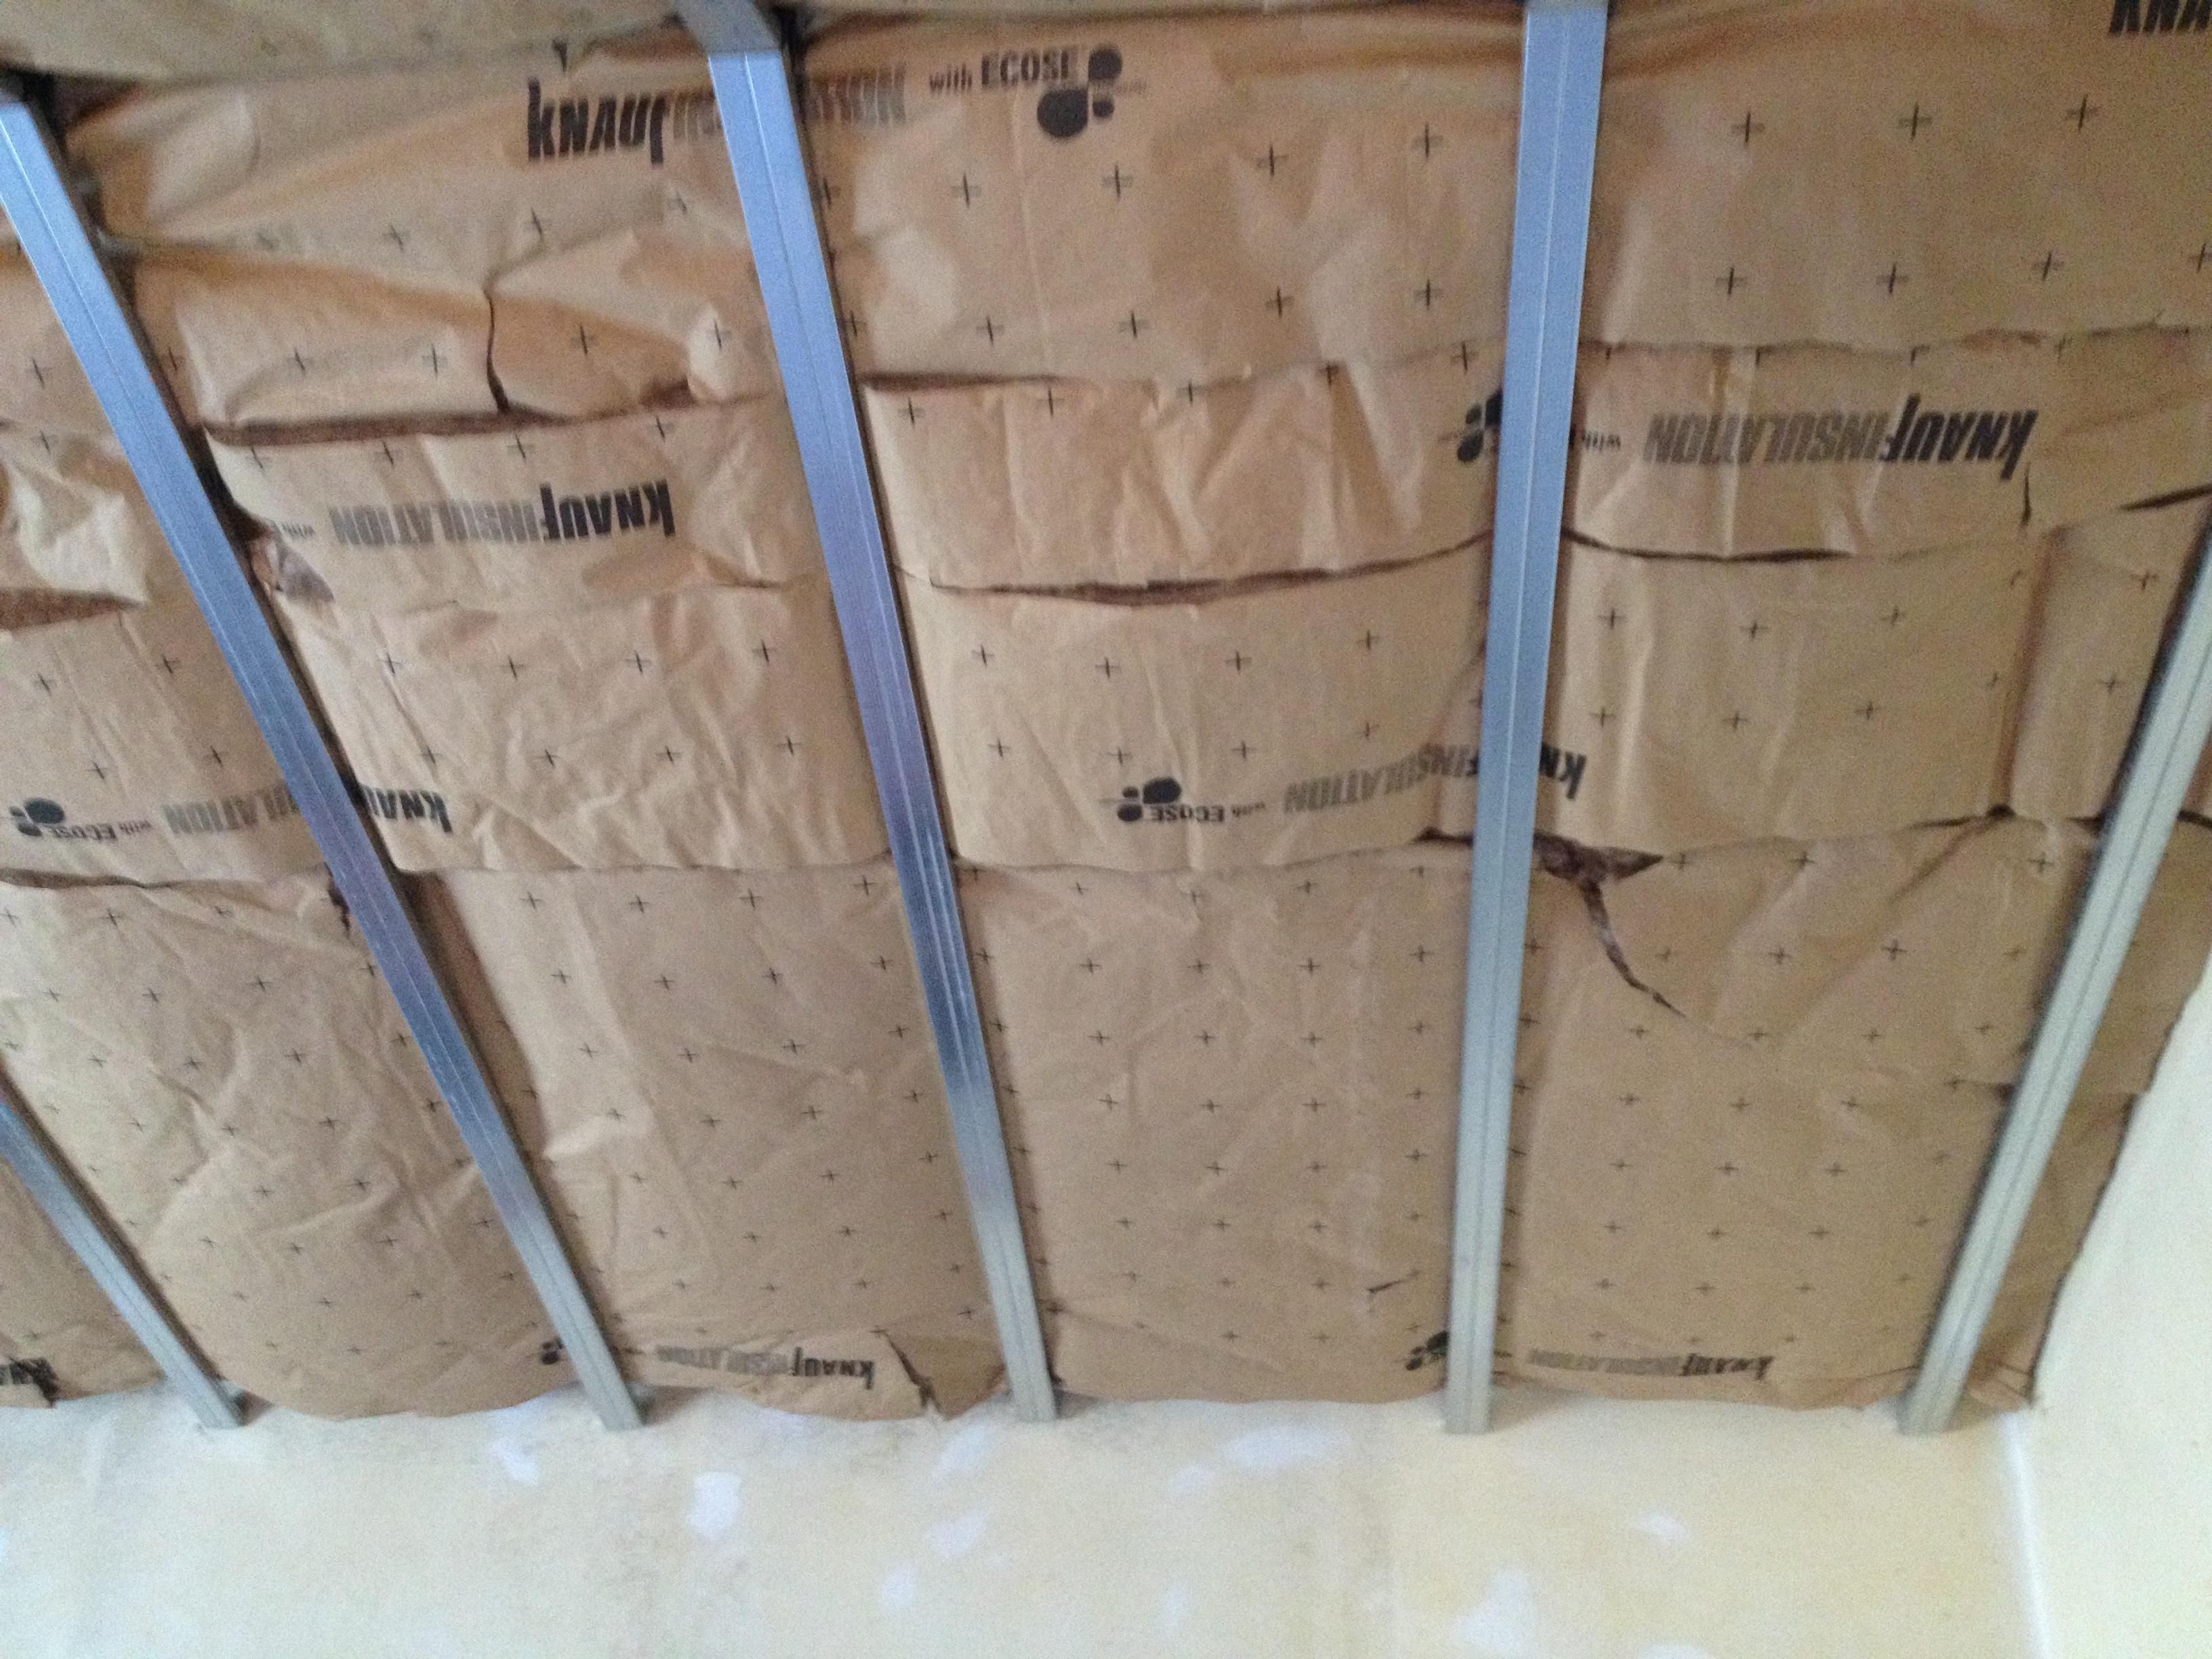 Intsallation de plafond en placo r novation placo n mes - Comment enlever du carrelage sur du placo ...